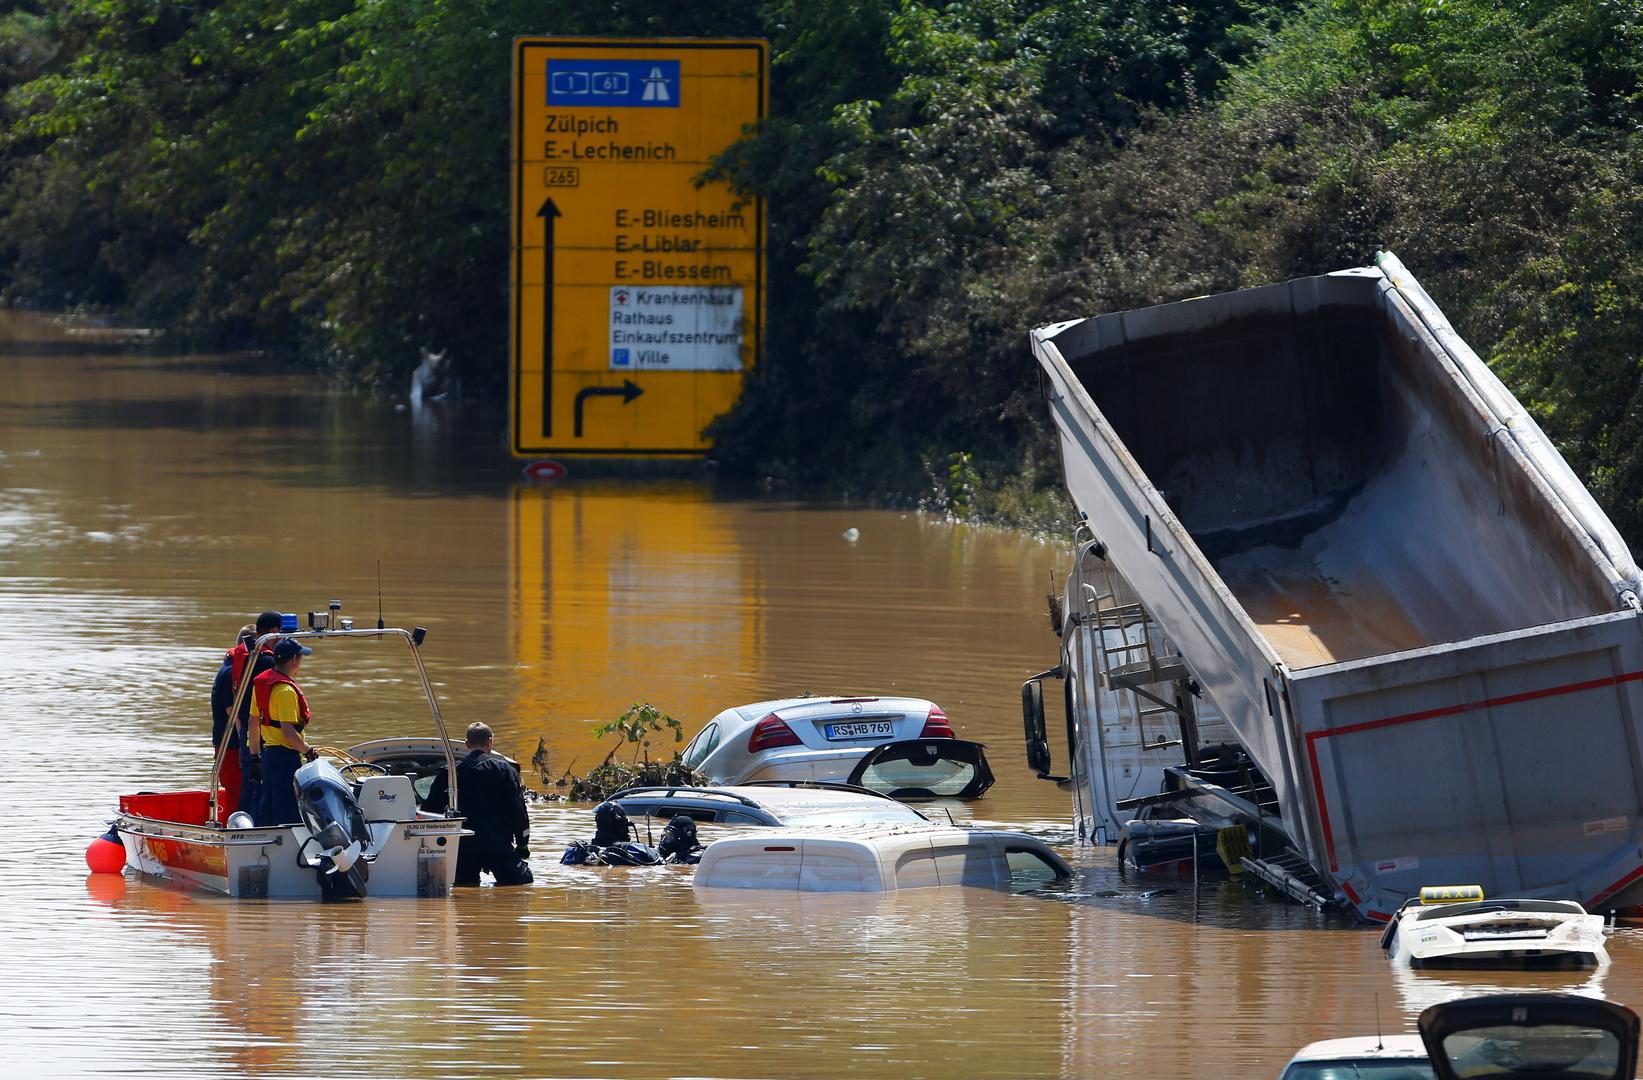 حصيلة ضحايا الفيضانات في أوروبا ترتفع إلى 183 قتيلا أغلبهم في ألمانيا